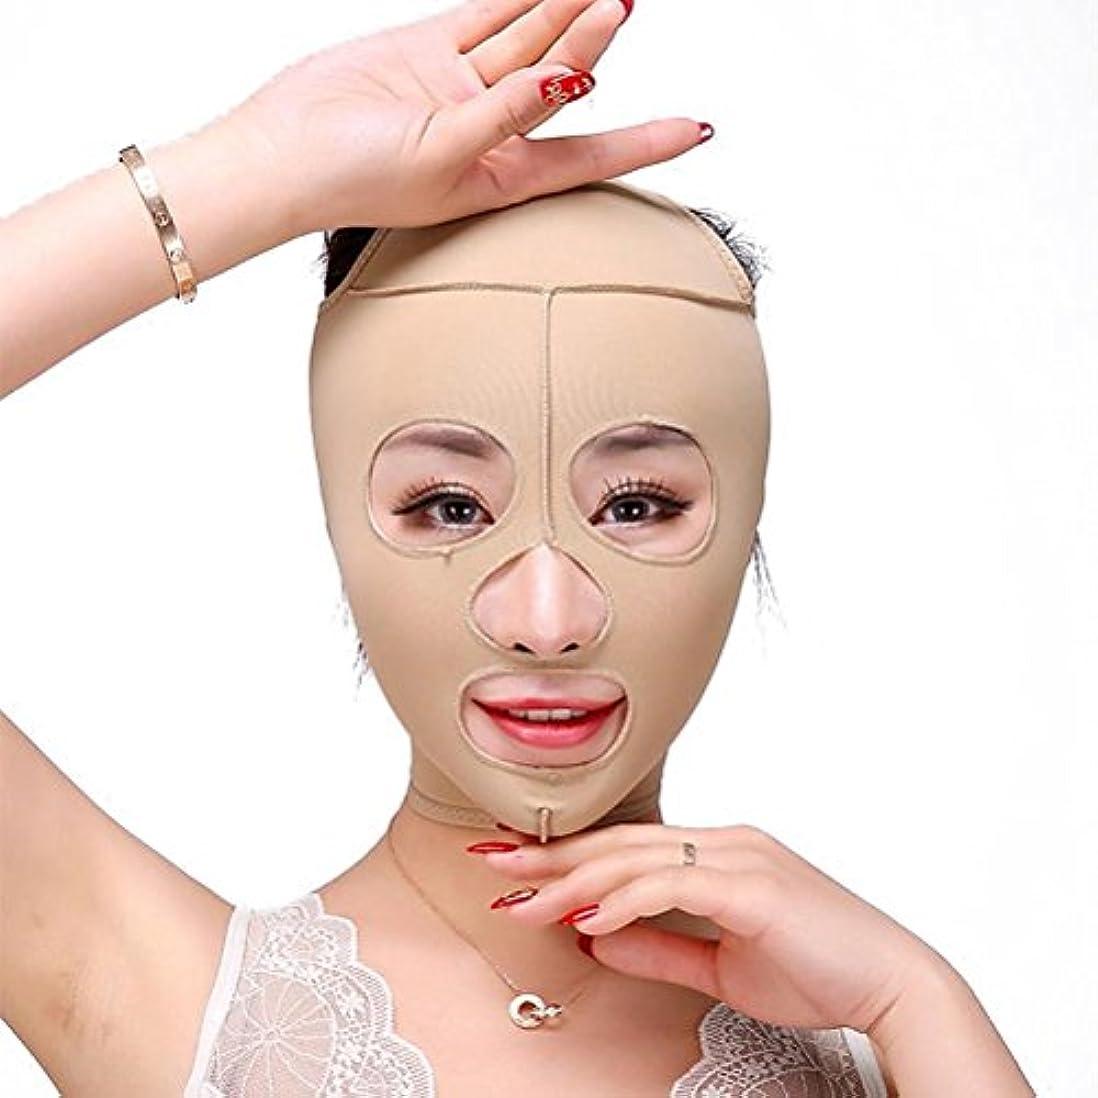 マーケティング社会科儀式Beaupretty スリムフェイスマスク弾性肌色包帯リフトアップチン痩身Vフェイスシェイパー